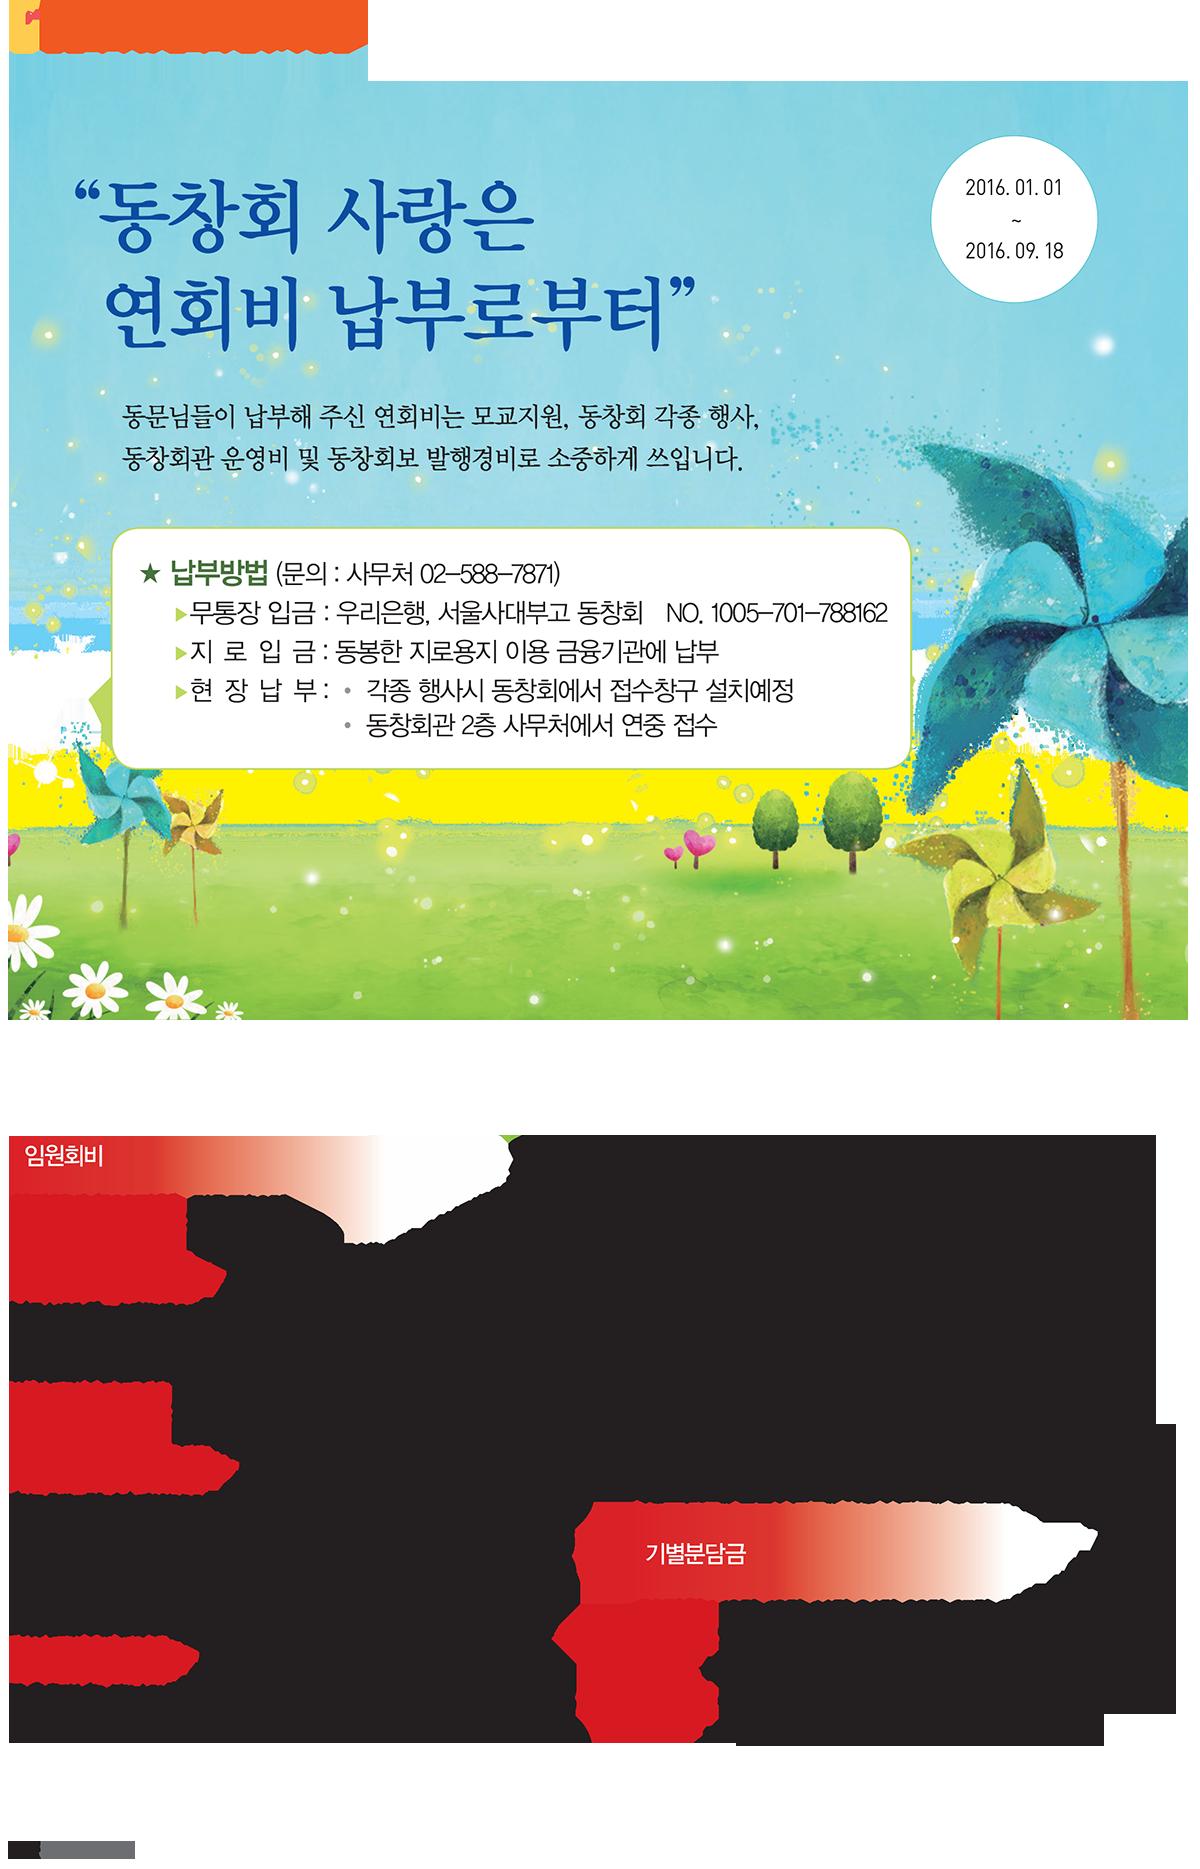 사대부고_제100호_홈피용(고)-22.png